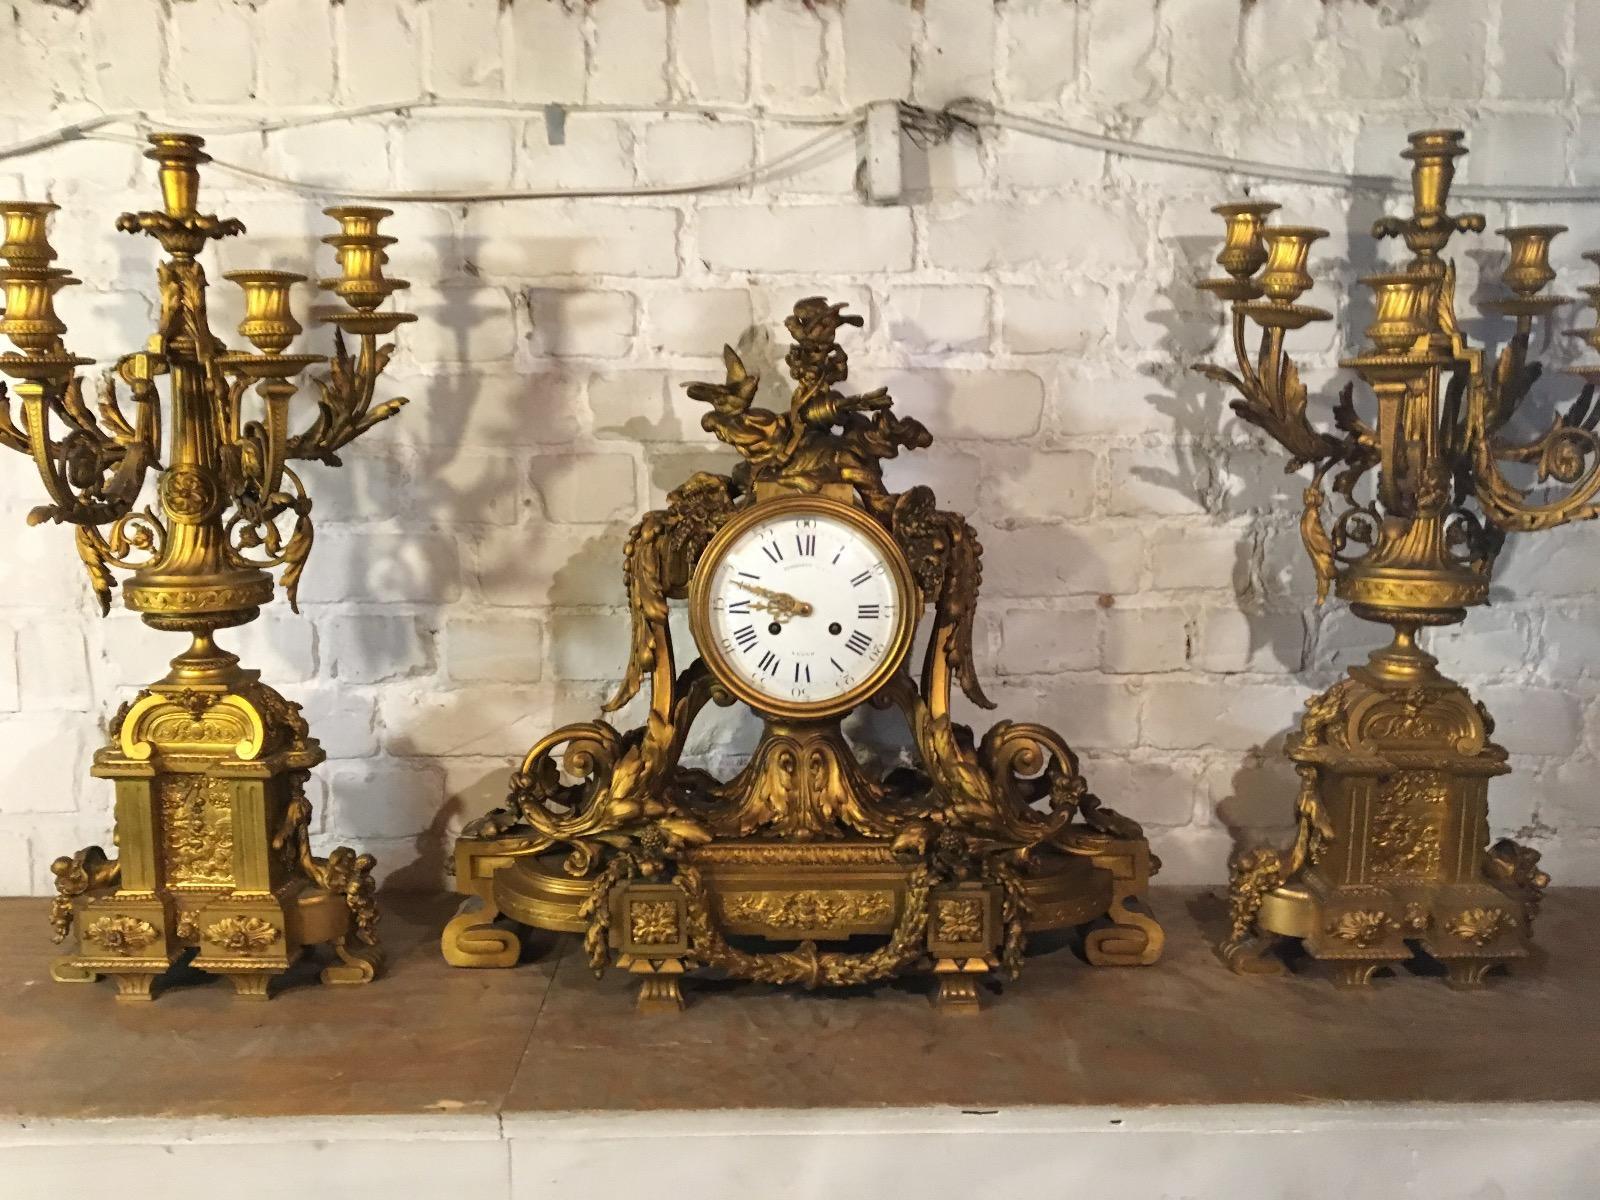 Bronzen clock